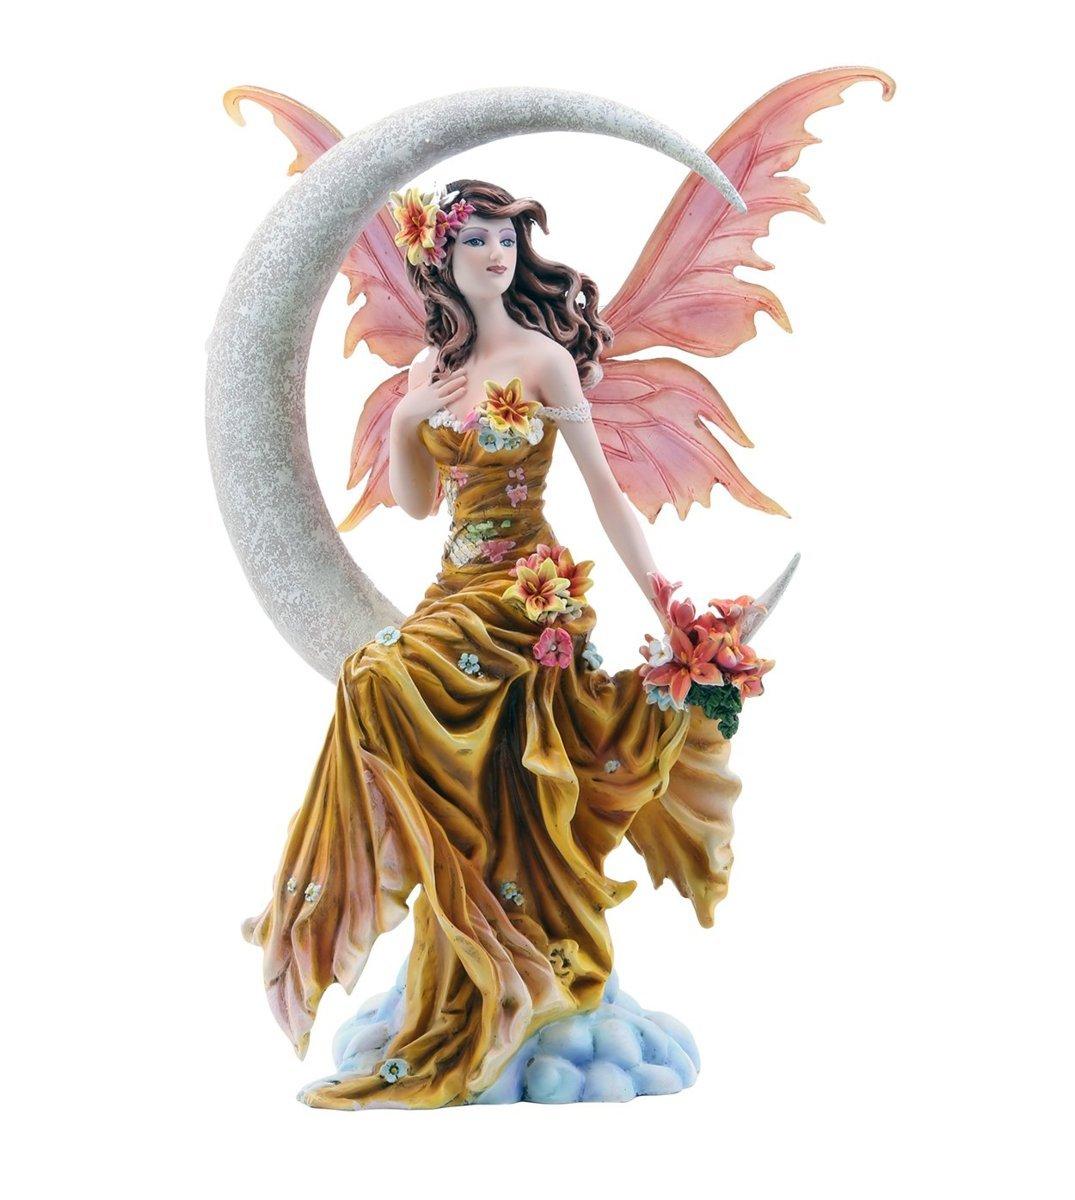 4つの要素 月の妖精の置物 アースウィンド・フロストファイア ネネ・トーマスアート作 高さ 約28cm(アース)彫刻 彫像(輸入品)